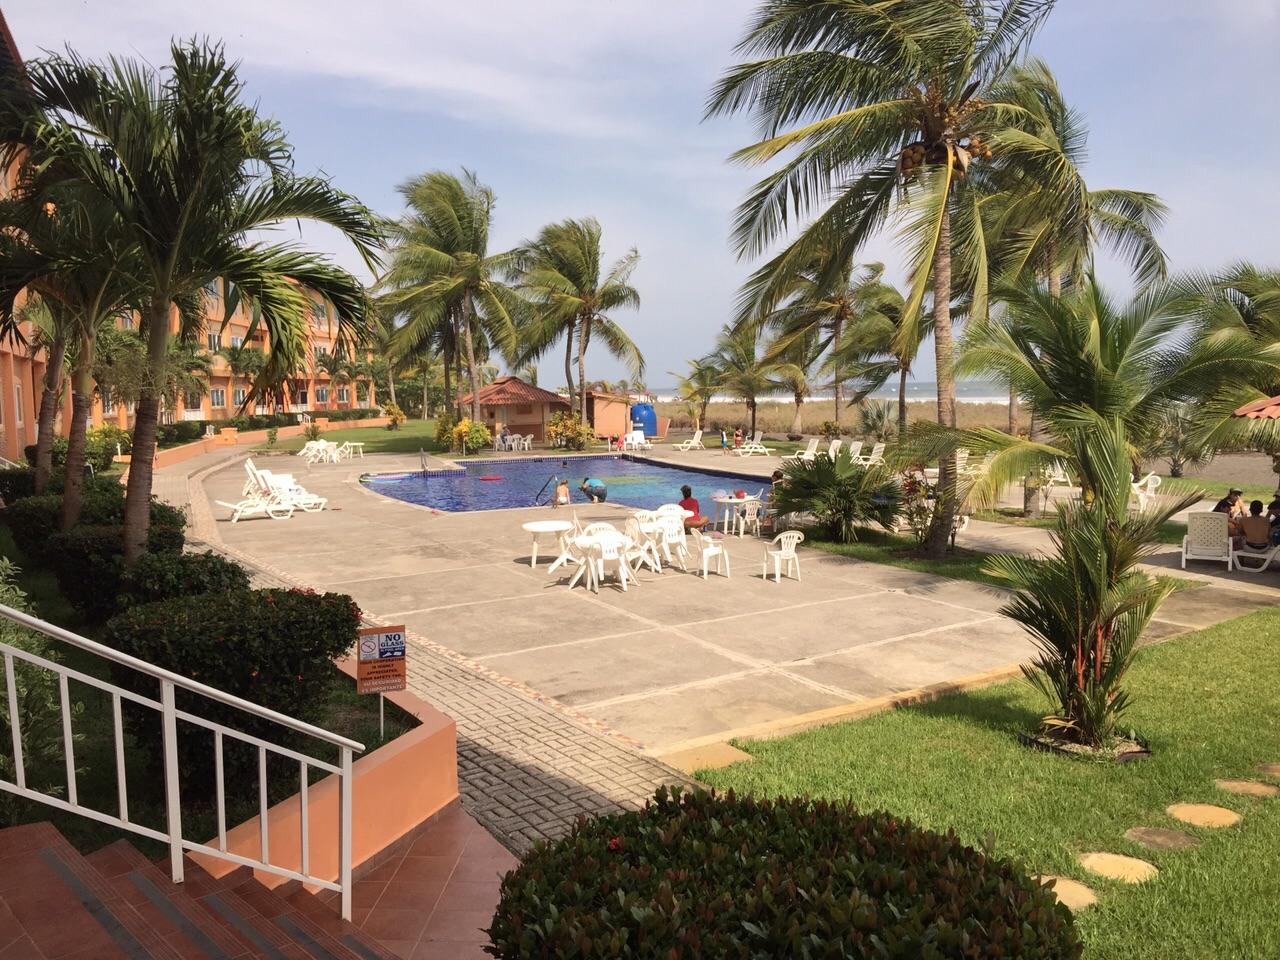 Las olas resort oceanfront condominium for sale in la for Boquete piscina